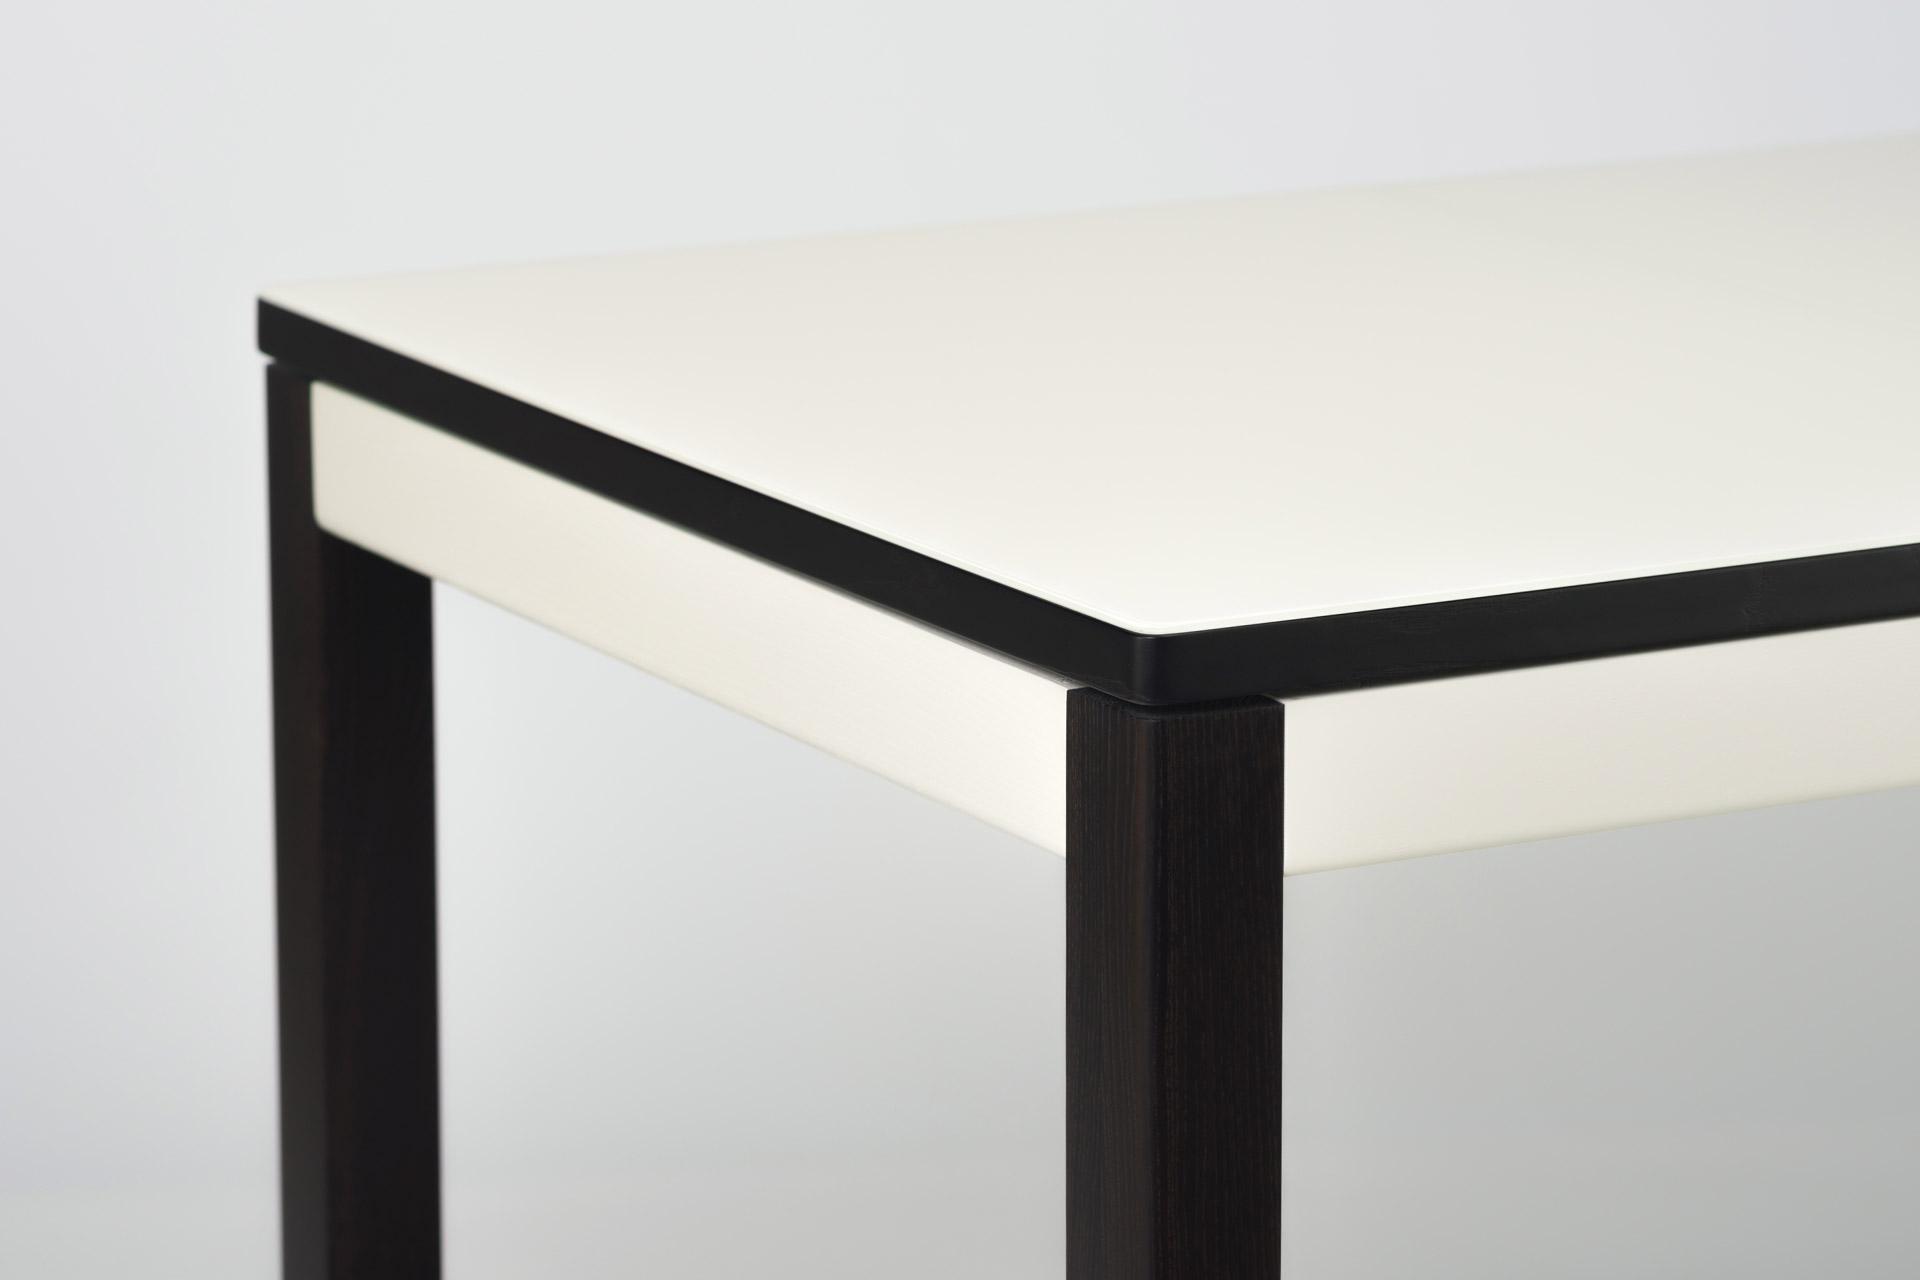 """Раскладной прямоугольный кухонный стол """"Фишер-обновленный"""" бежевая стеклянная столешница и черные ножки с твердого дерева. Вид - угол столешницы"""